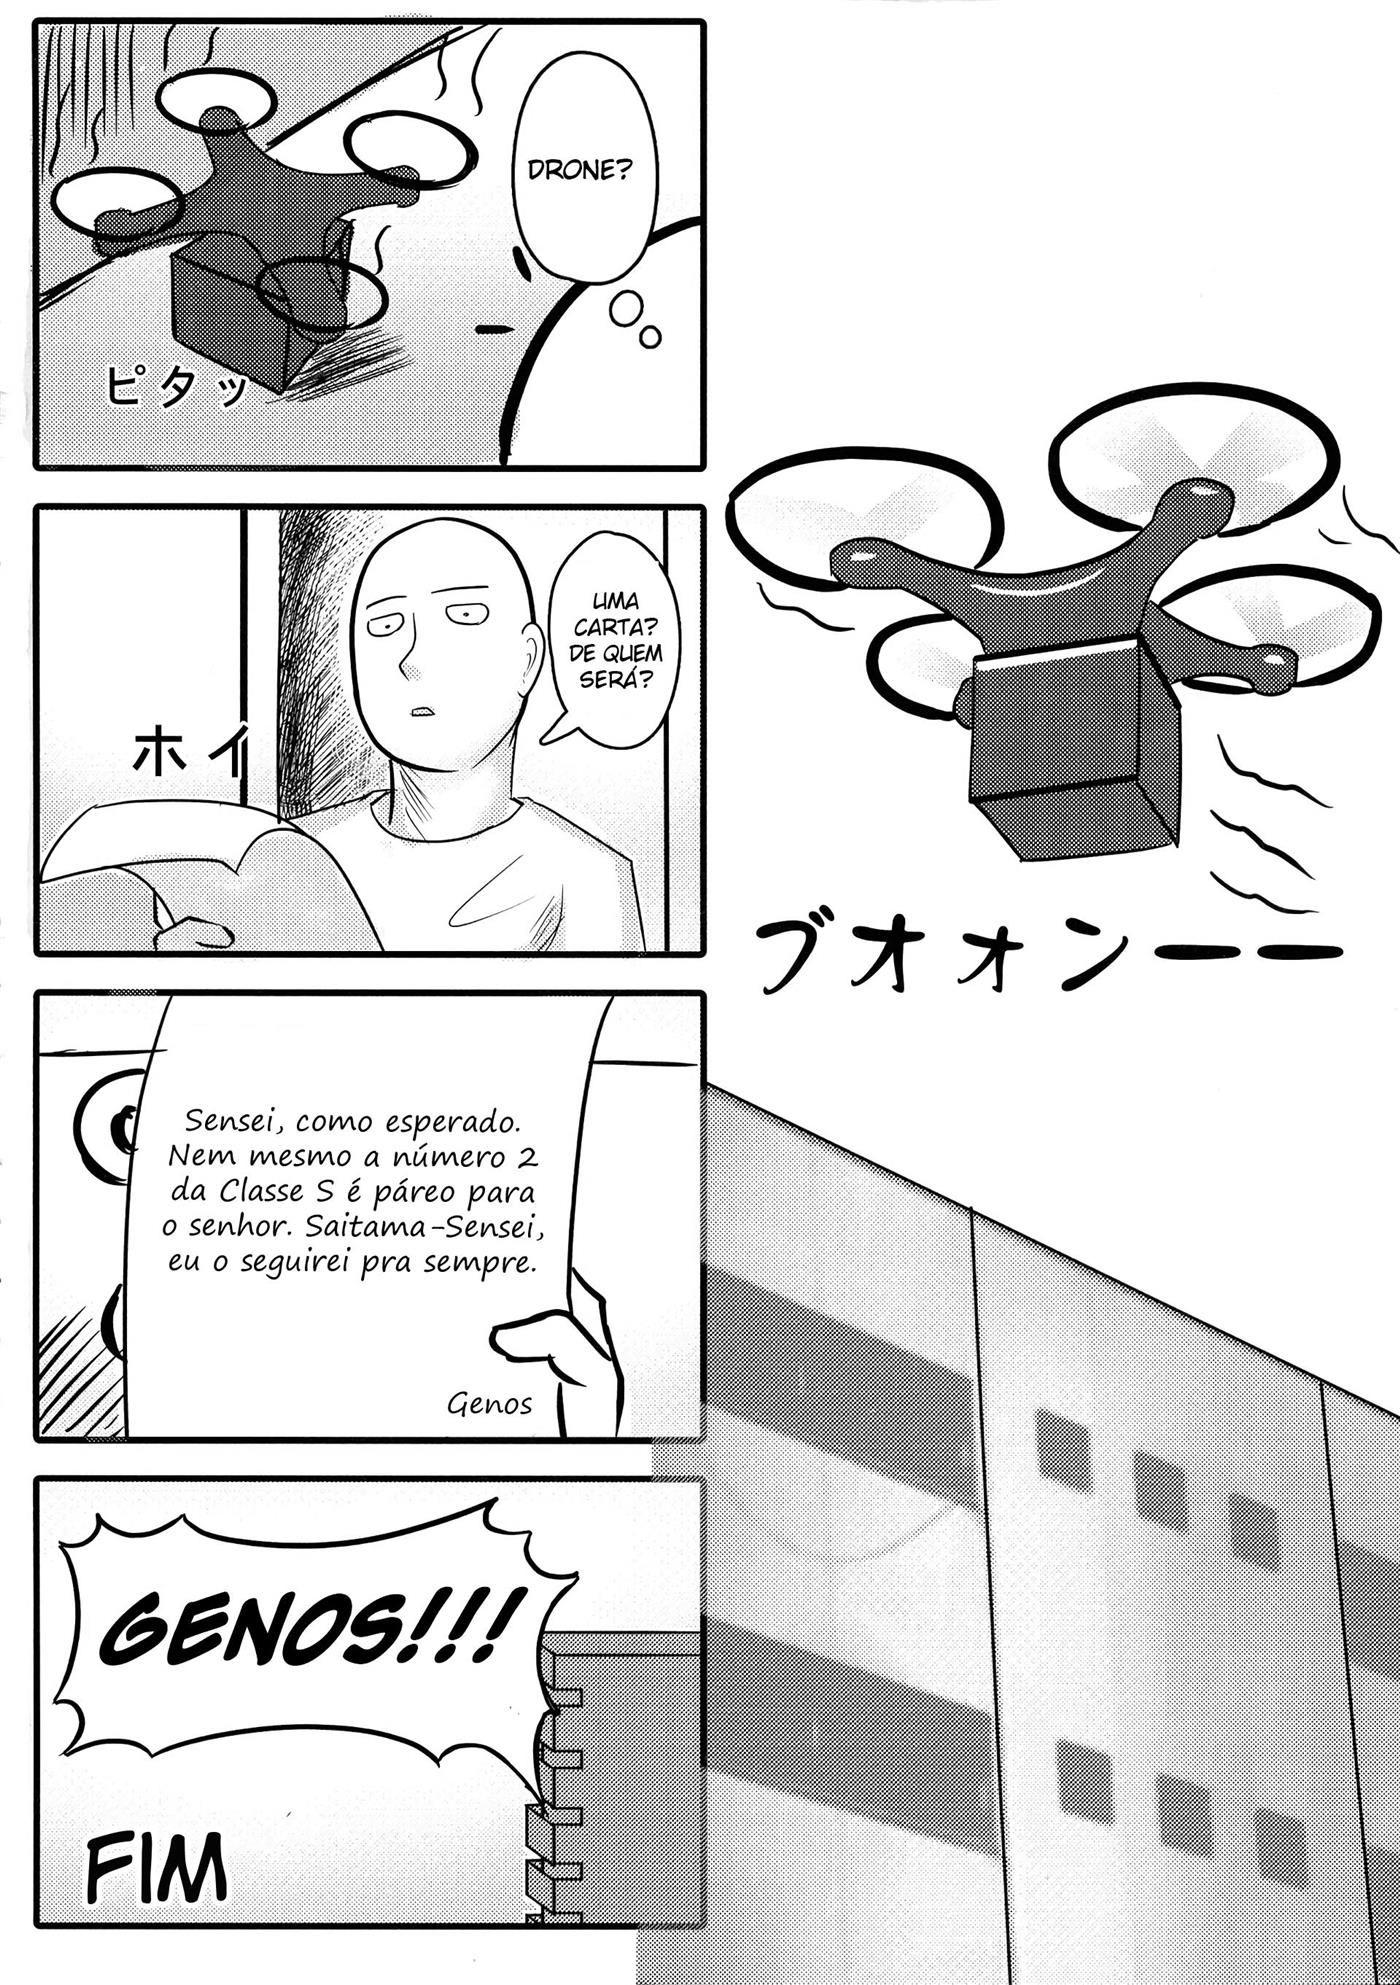 O sêmen do Saitama